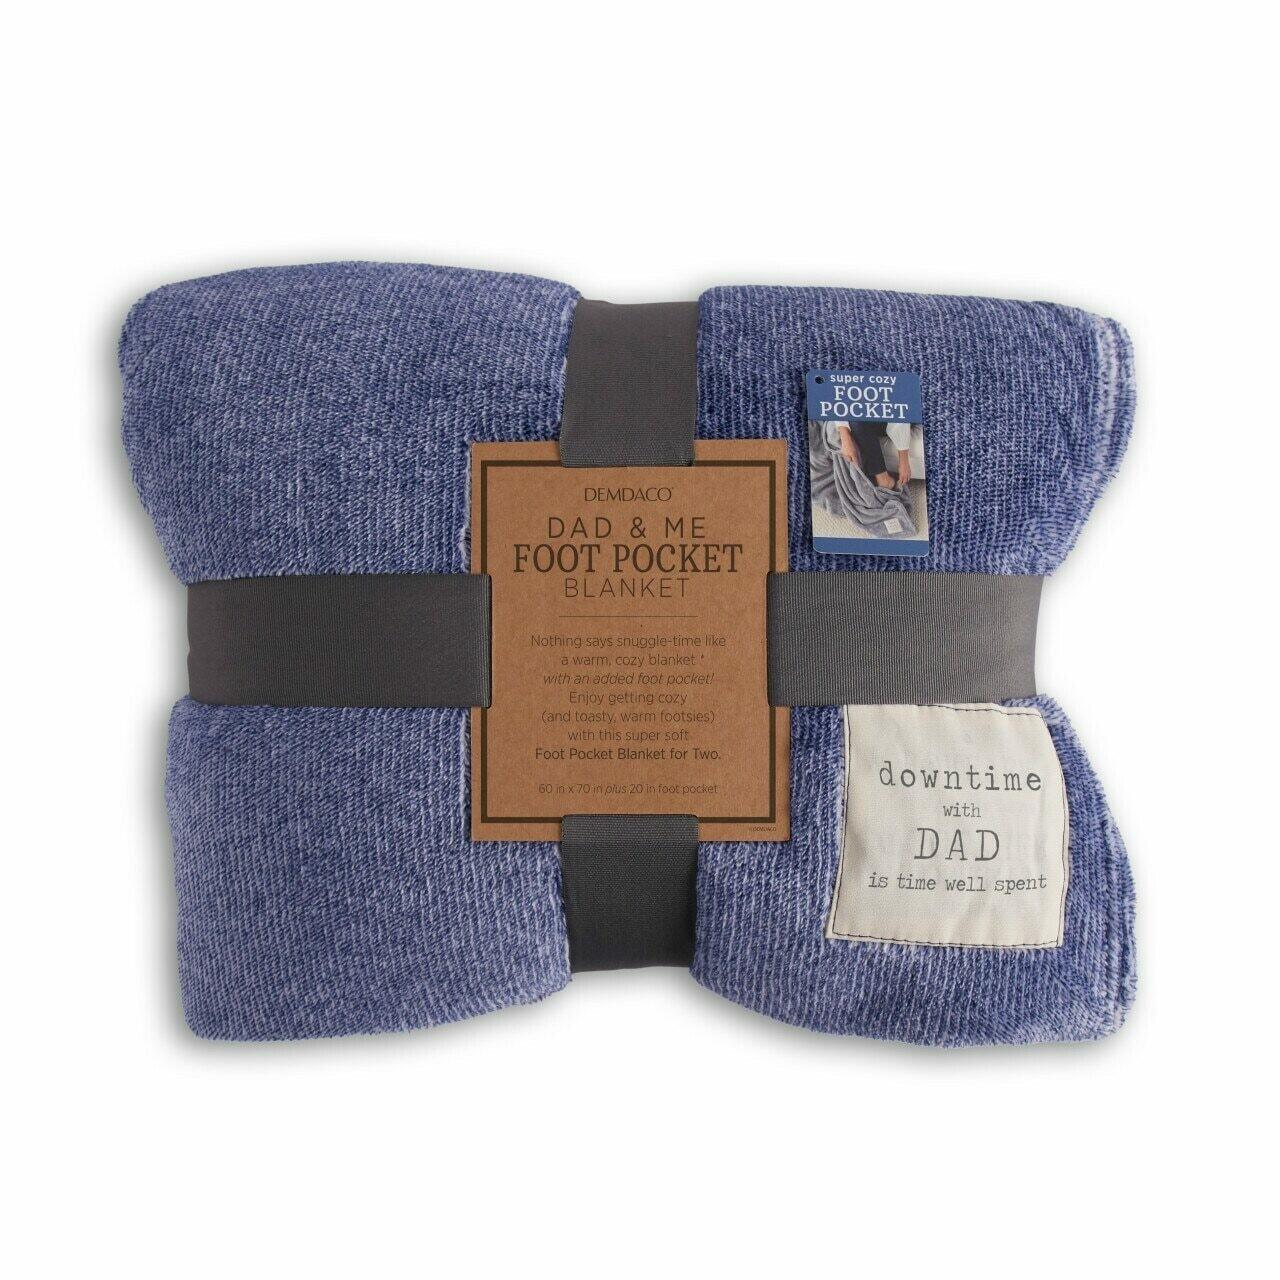 Demdaco Dad & Me Foot Pocket Blanket BLUE